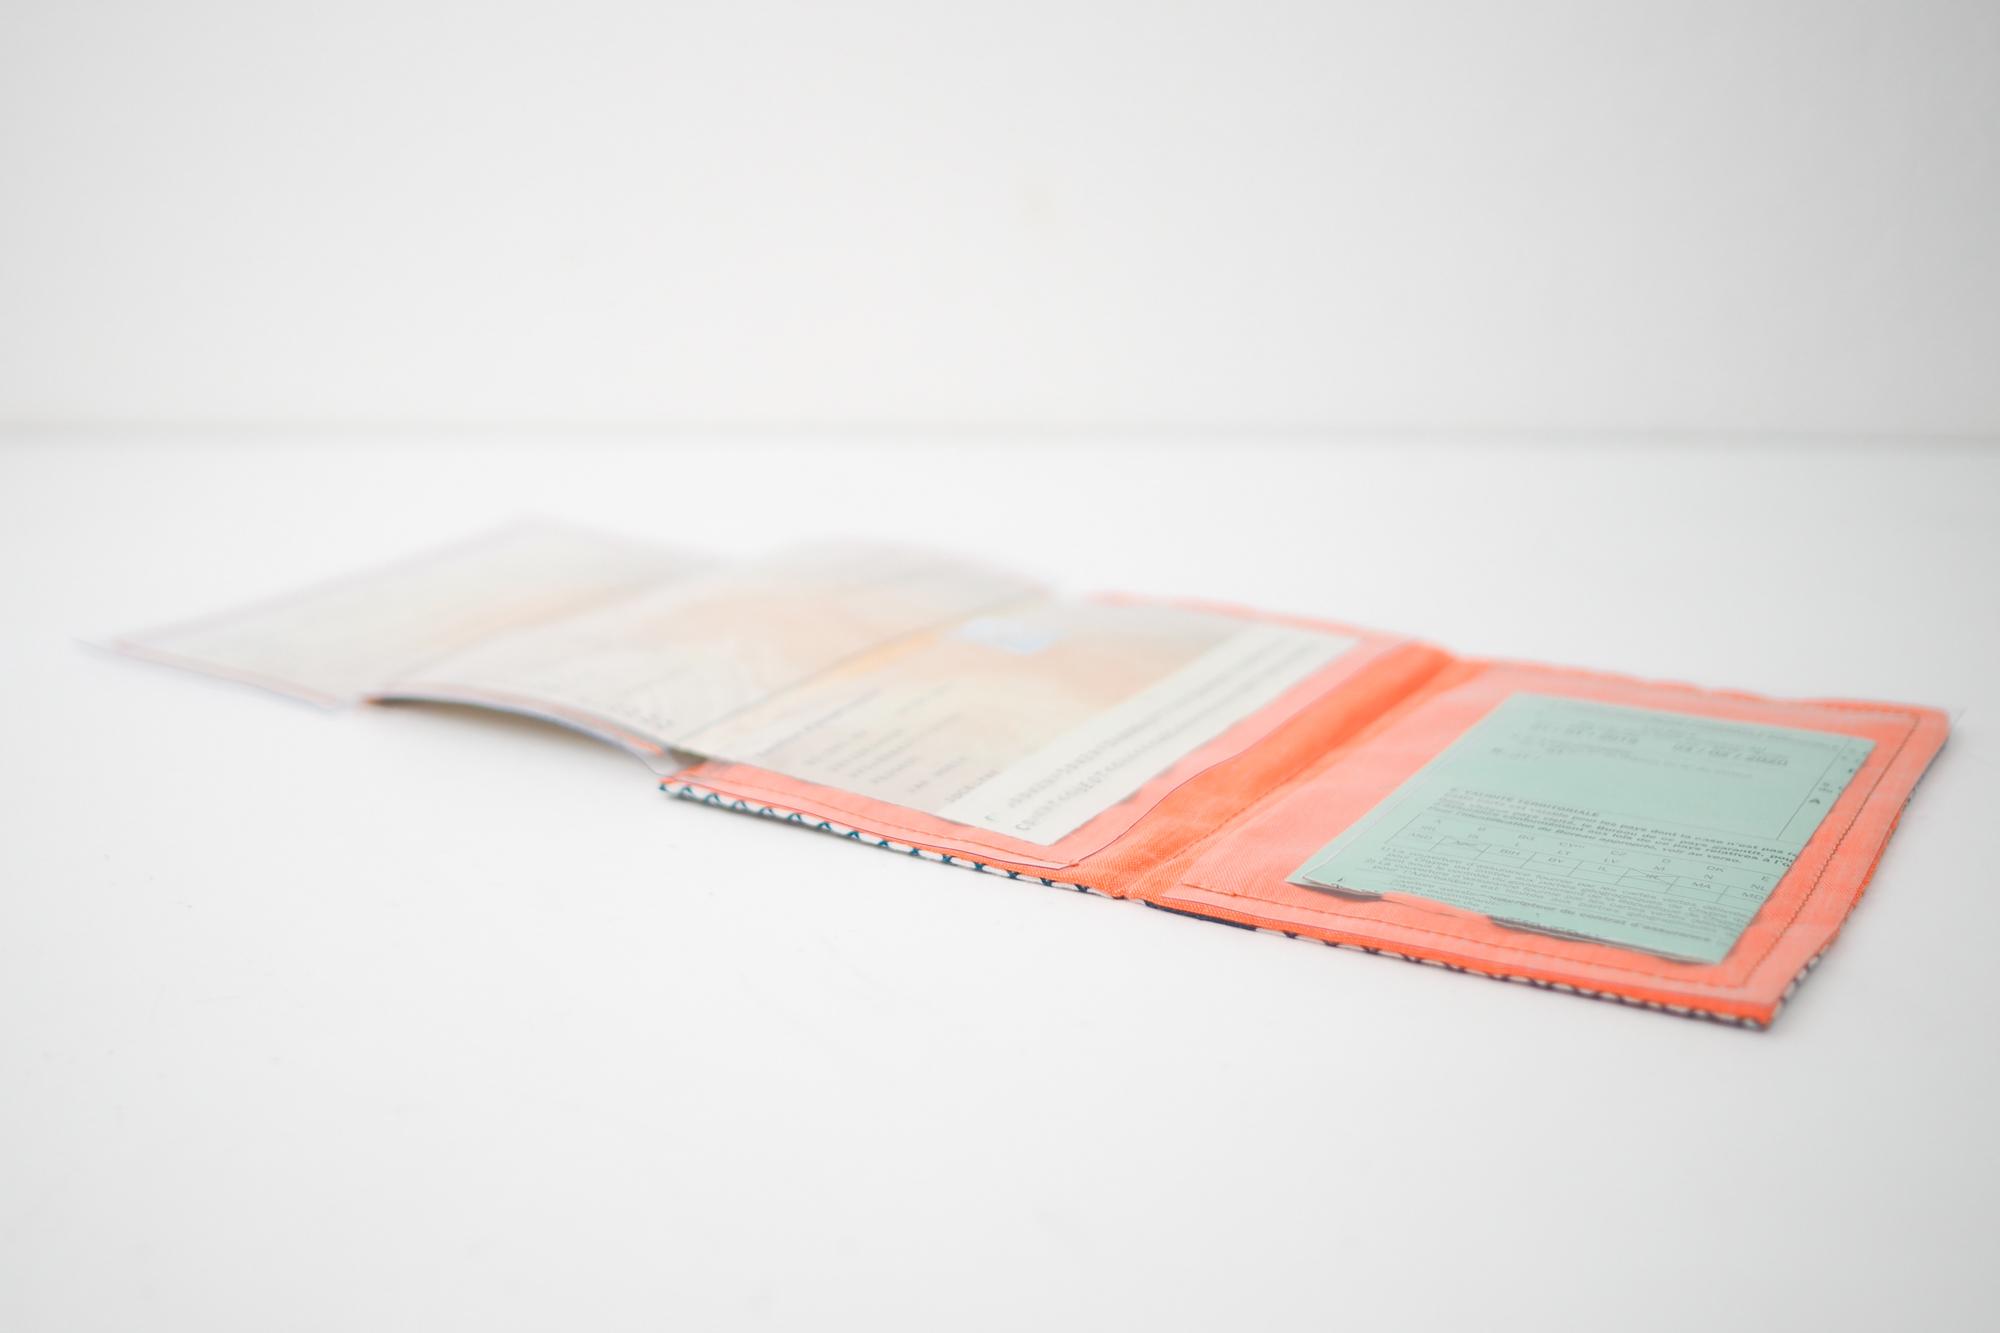 Tuto couture : coudre pochette pour les papiers de voiture